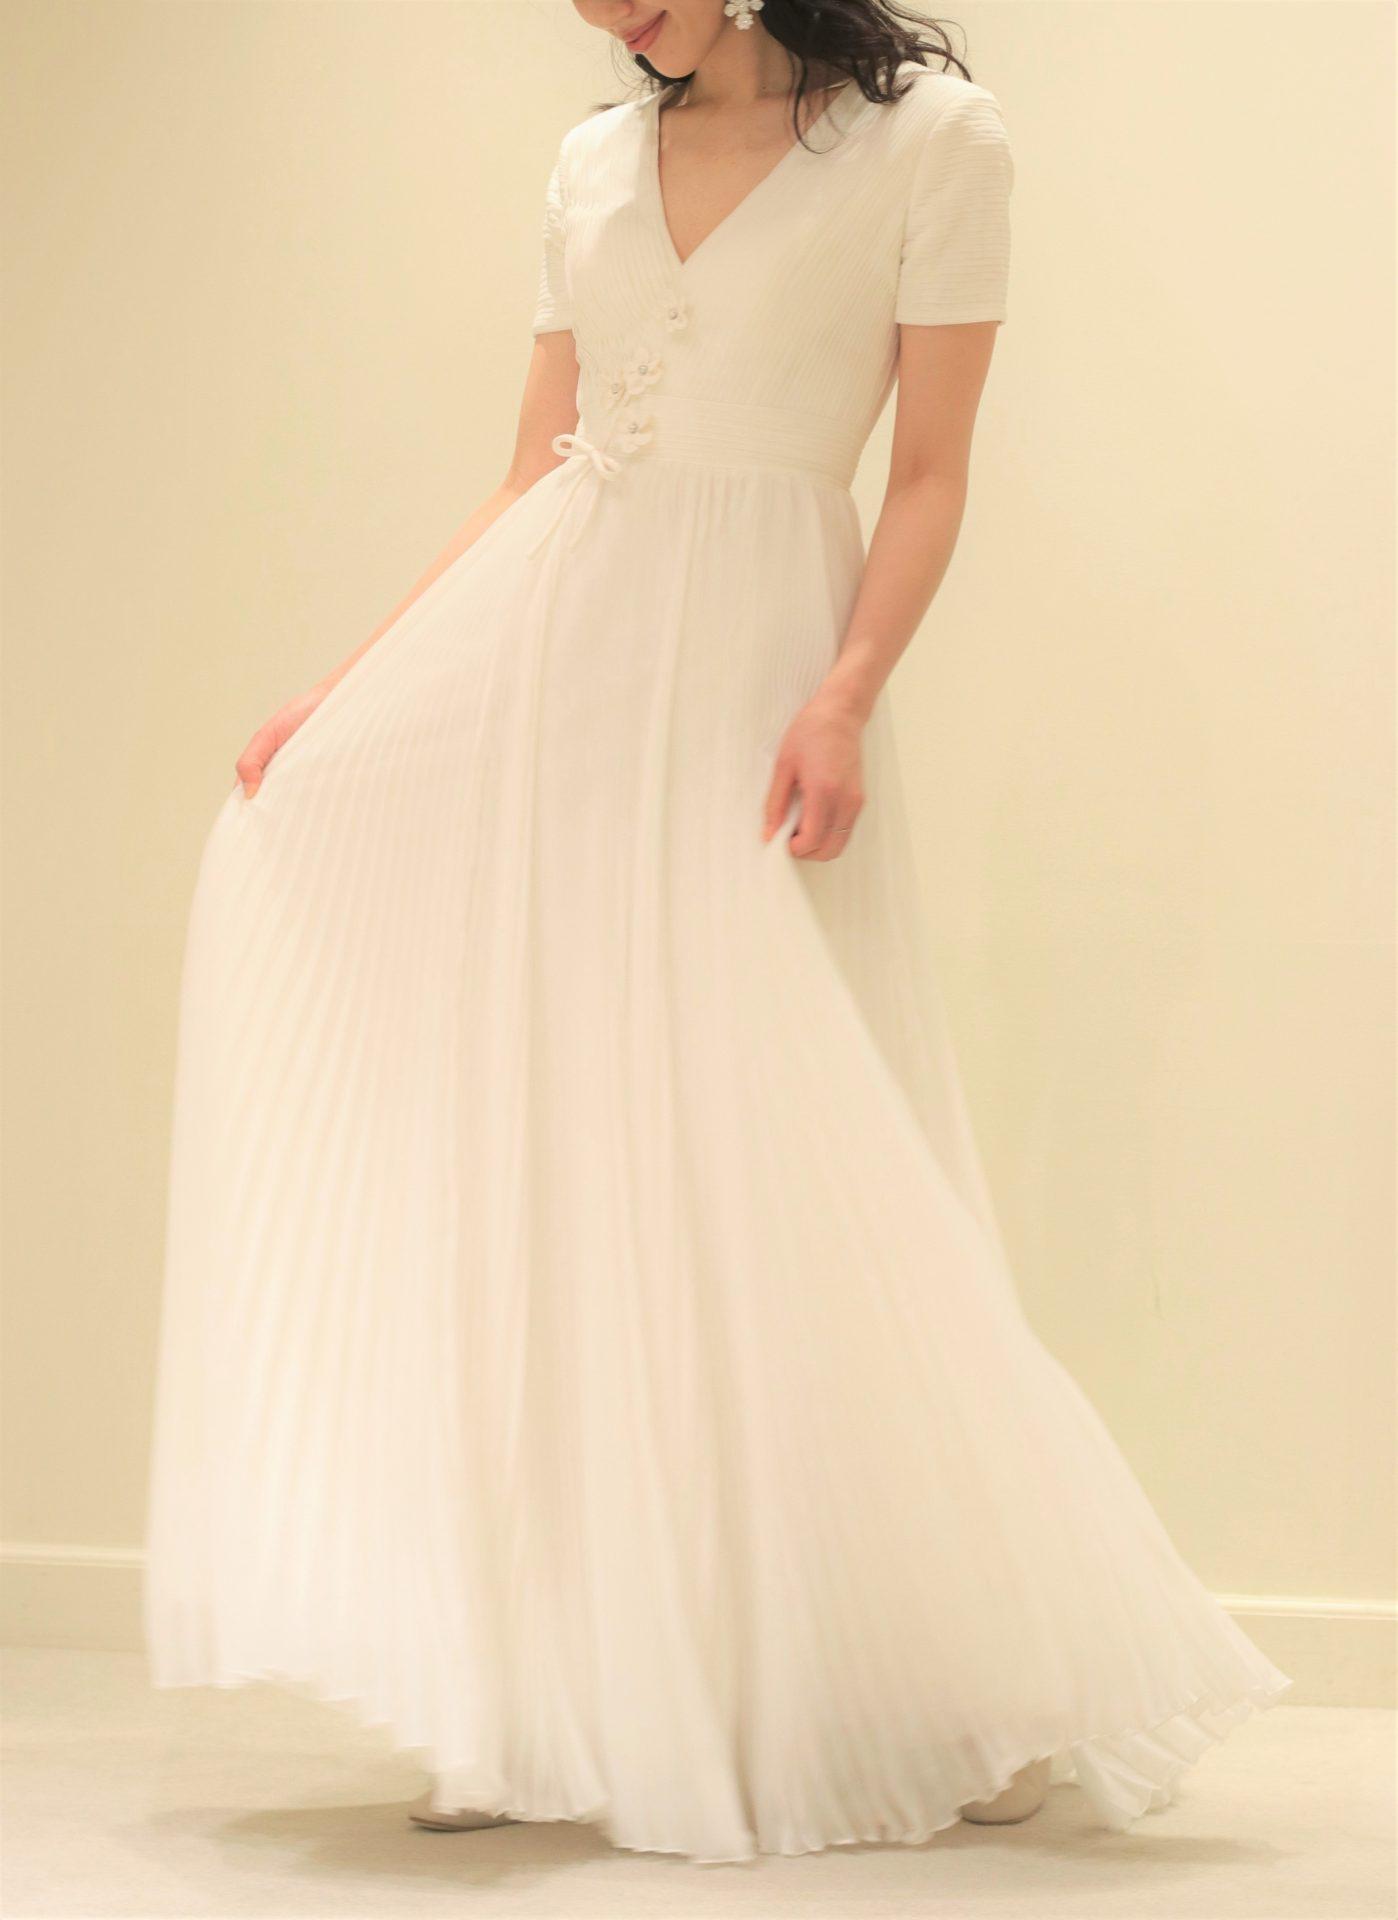 ザトリートドレッシングアディション店に届いたヴィクターアンドロルフの新作ウェディングドレスはスカートに繊細なプリーツのデザインが施されており、花嫁の動きに合わせて柔らかに揺らめきます